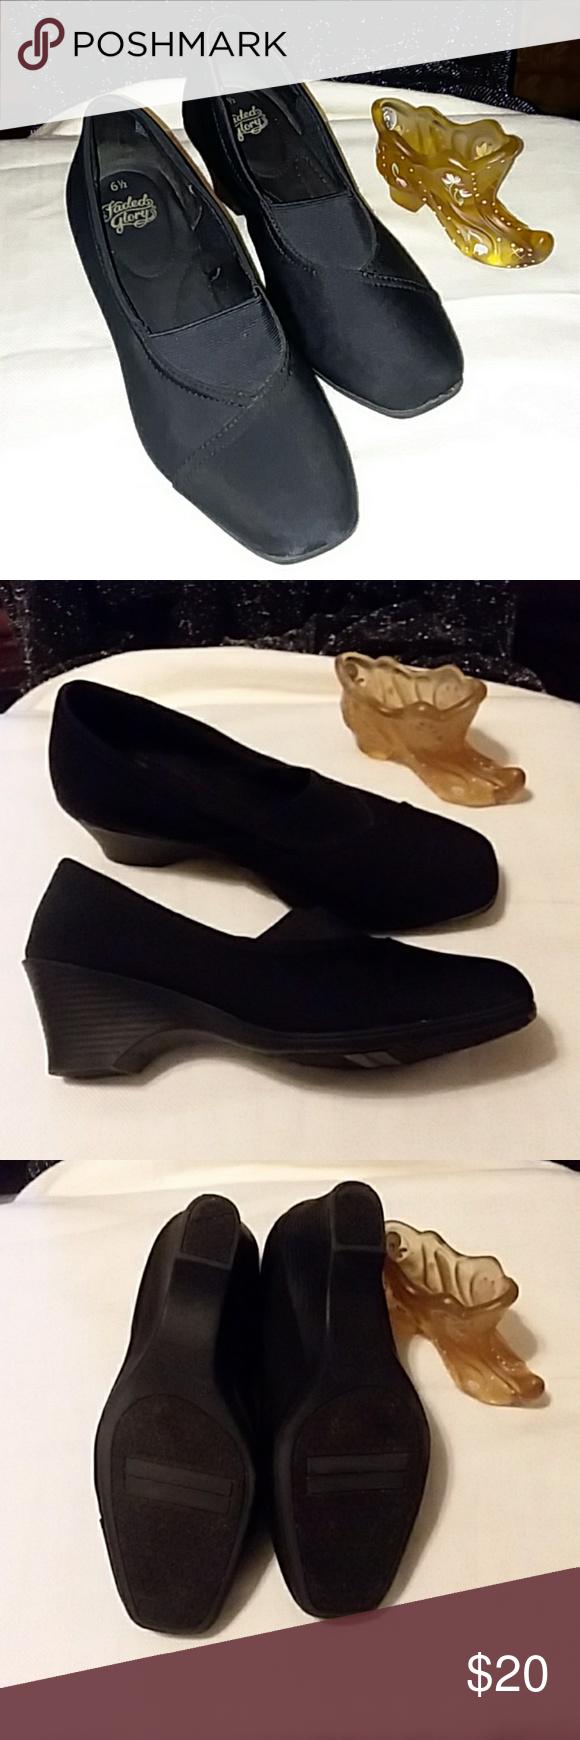 Womens Wedge Heel Shoes Shoes Heels Wedges Womens Black Dress Shoes Womens Wedges [ 1740 x 580 Pixel ]